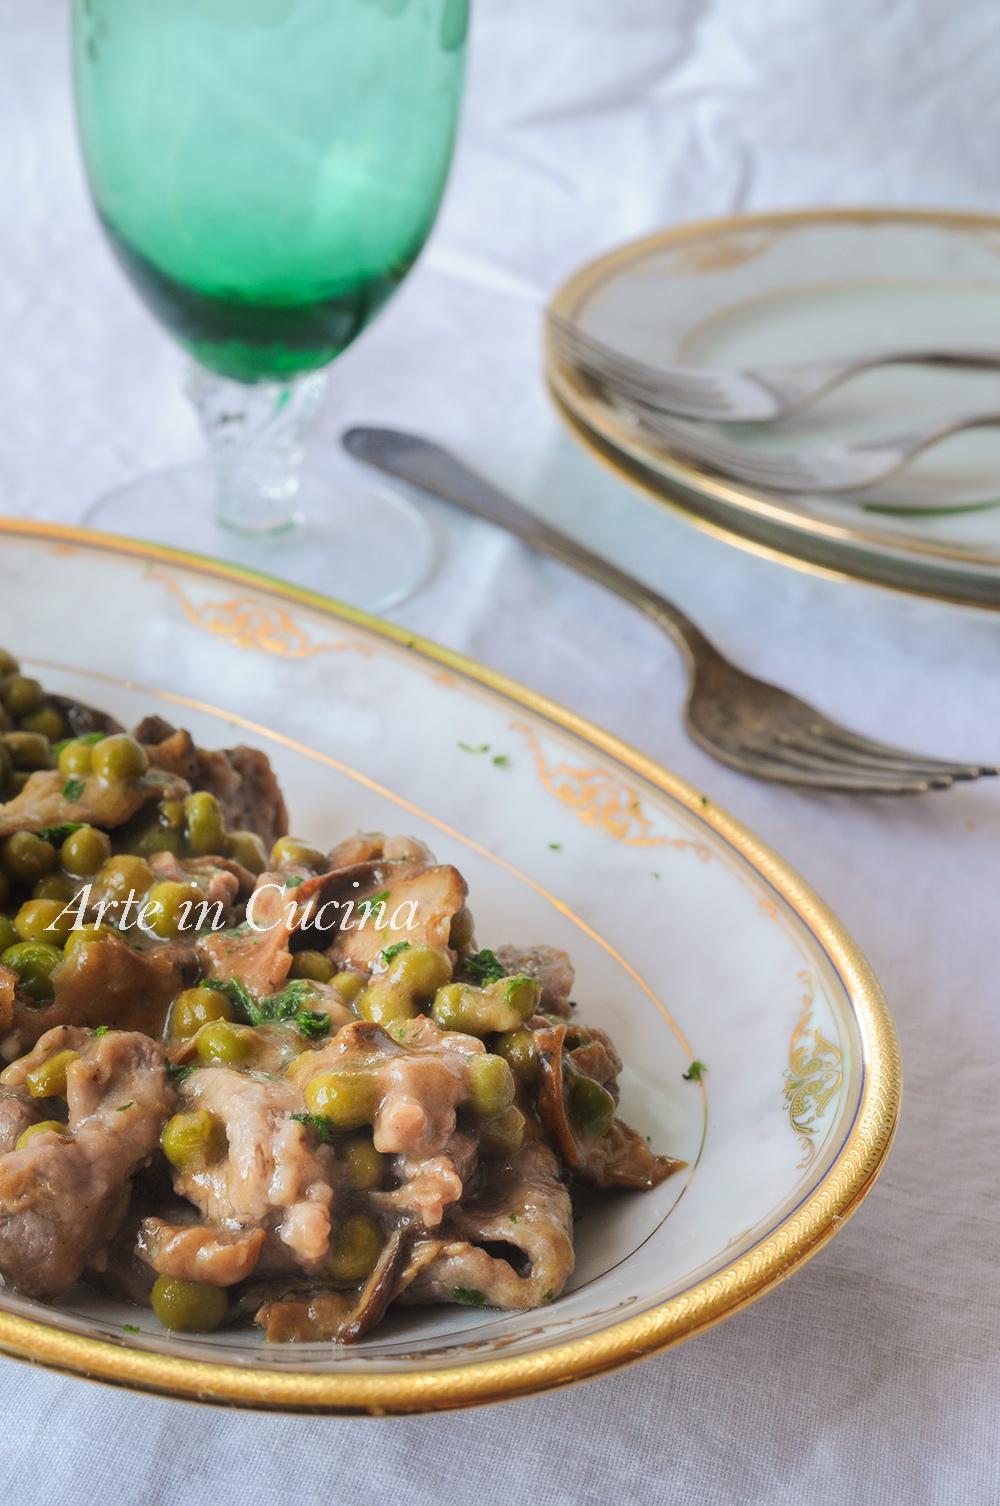 Straccetti di vitello alla finanziera ricetta napoletana vickyart arte in cucina